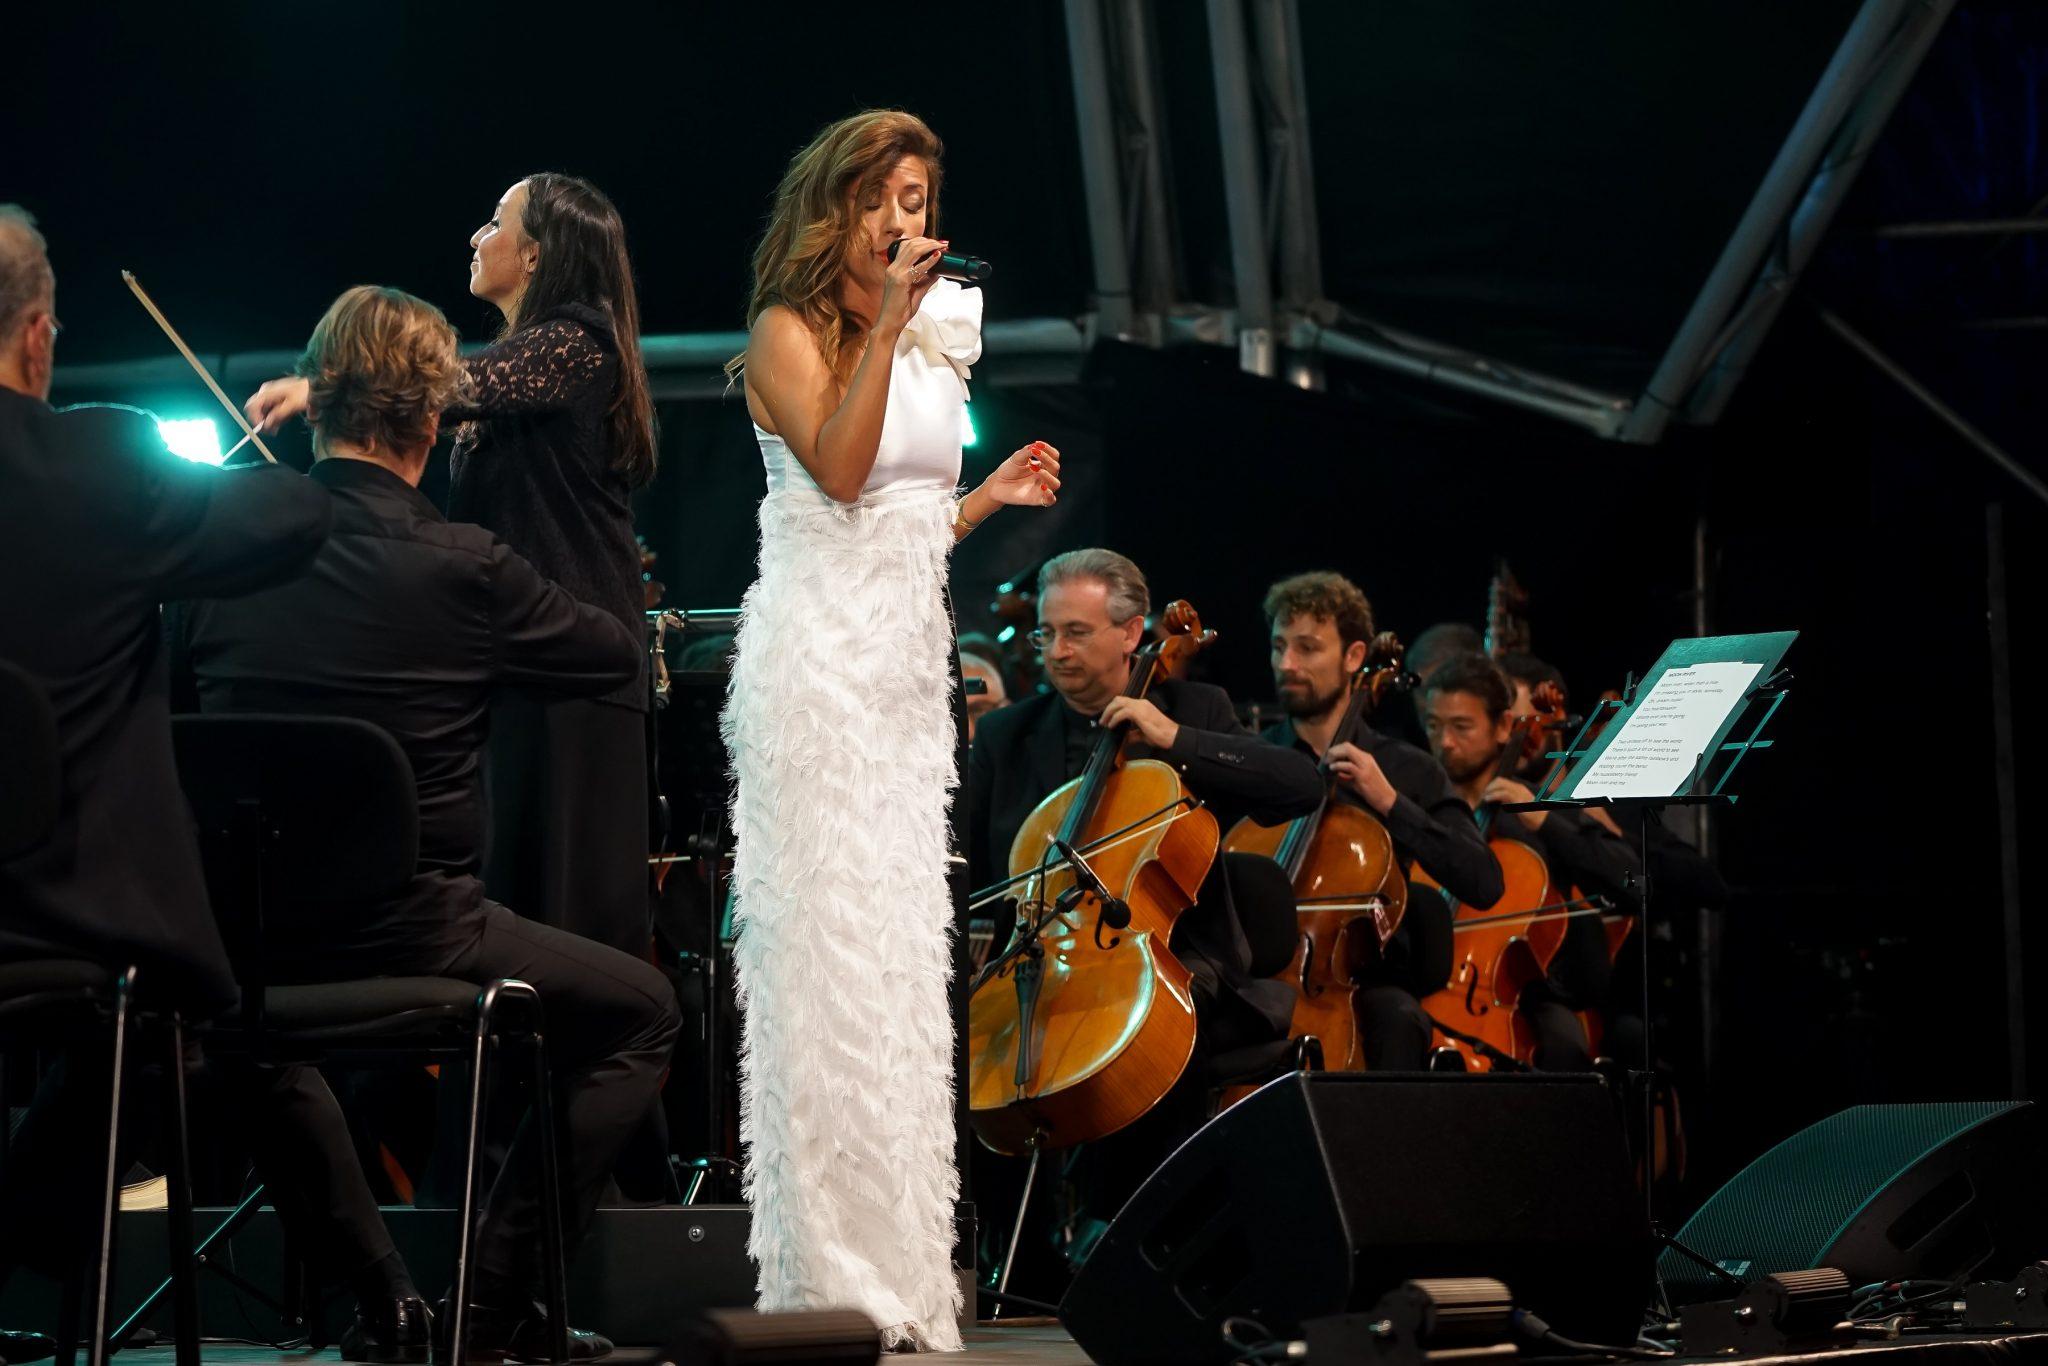 Músicos da Orquestra Gulbenkian dirigidos pela maestrina Joana Carneiro acompanhados pela fadista Ana Moura.